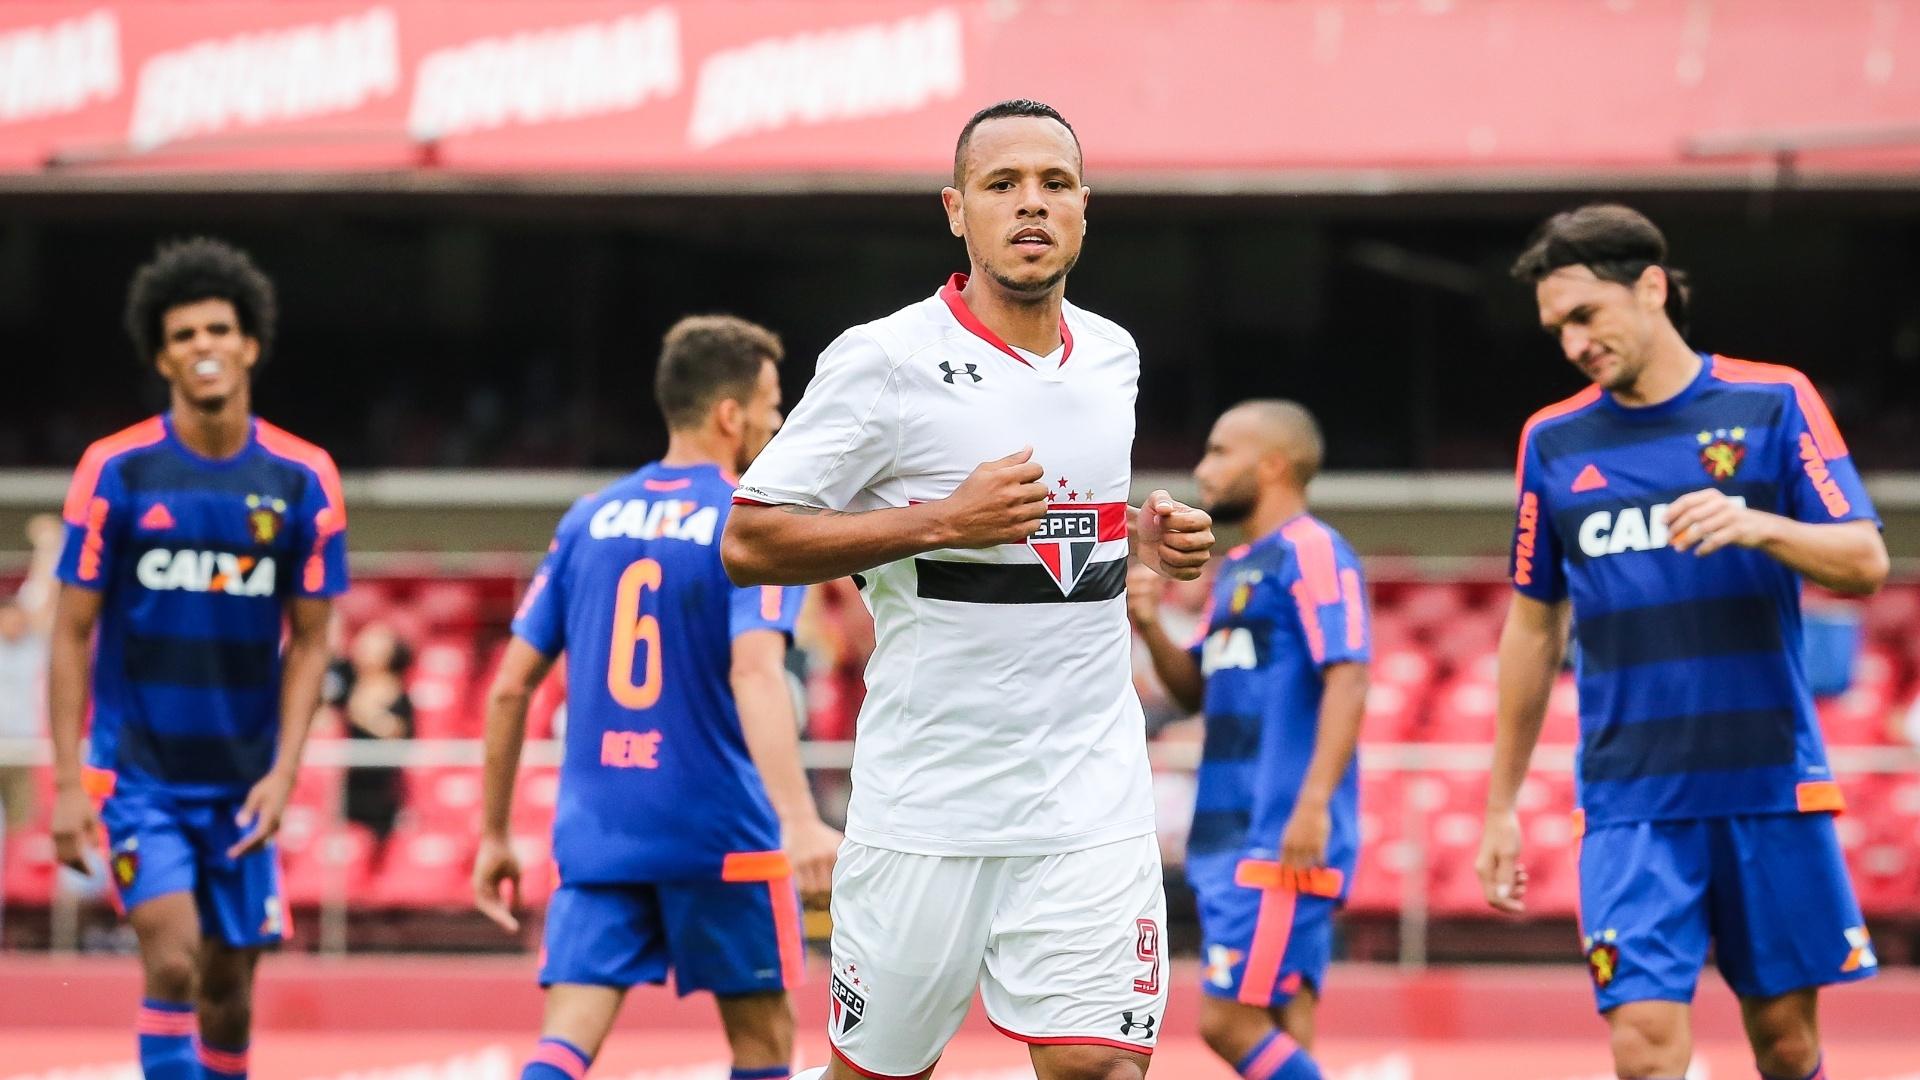 Luis Fabiano celebra gol marcado pelo São Paulo contra o Sport, no Morumbi, em jogo da 33ª rodada do Brasileirão